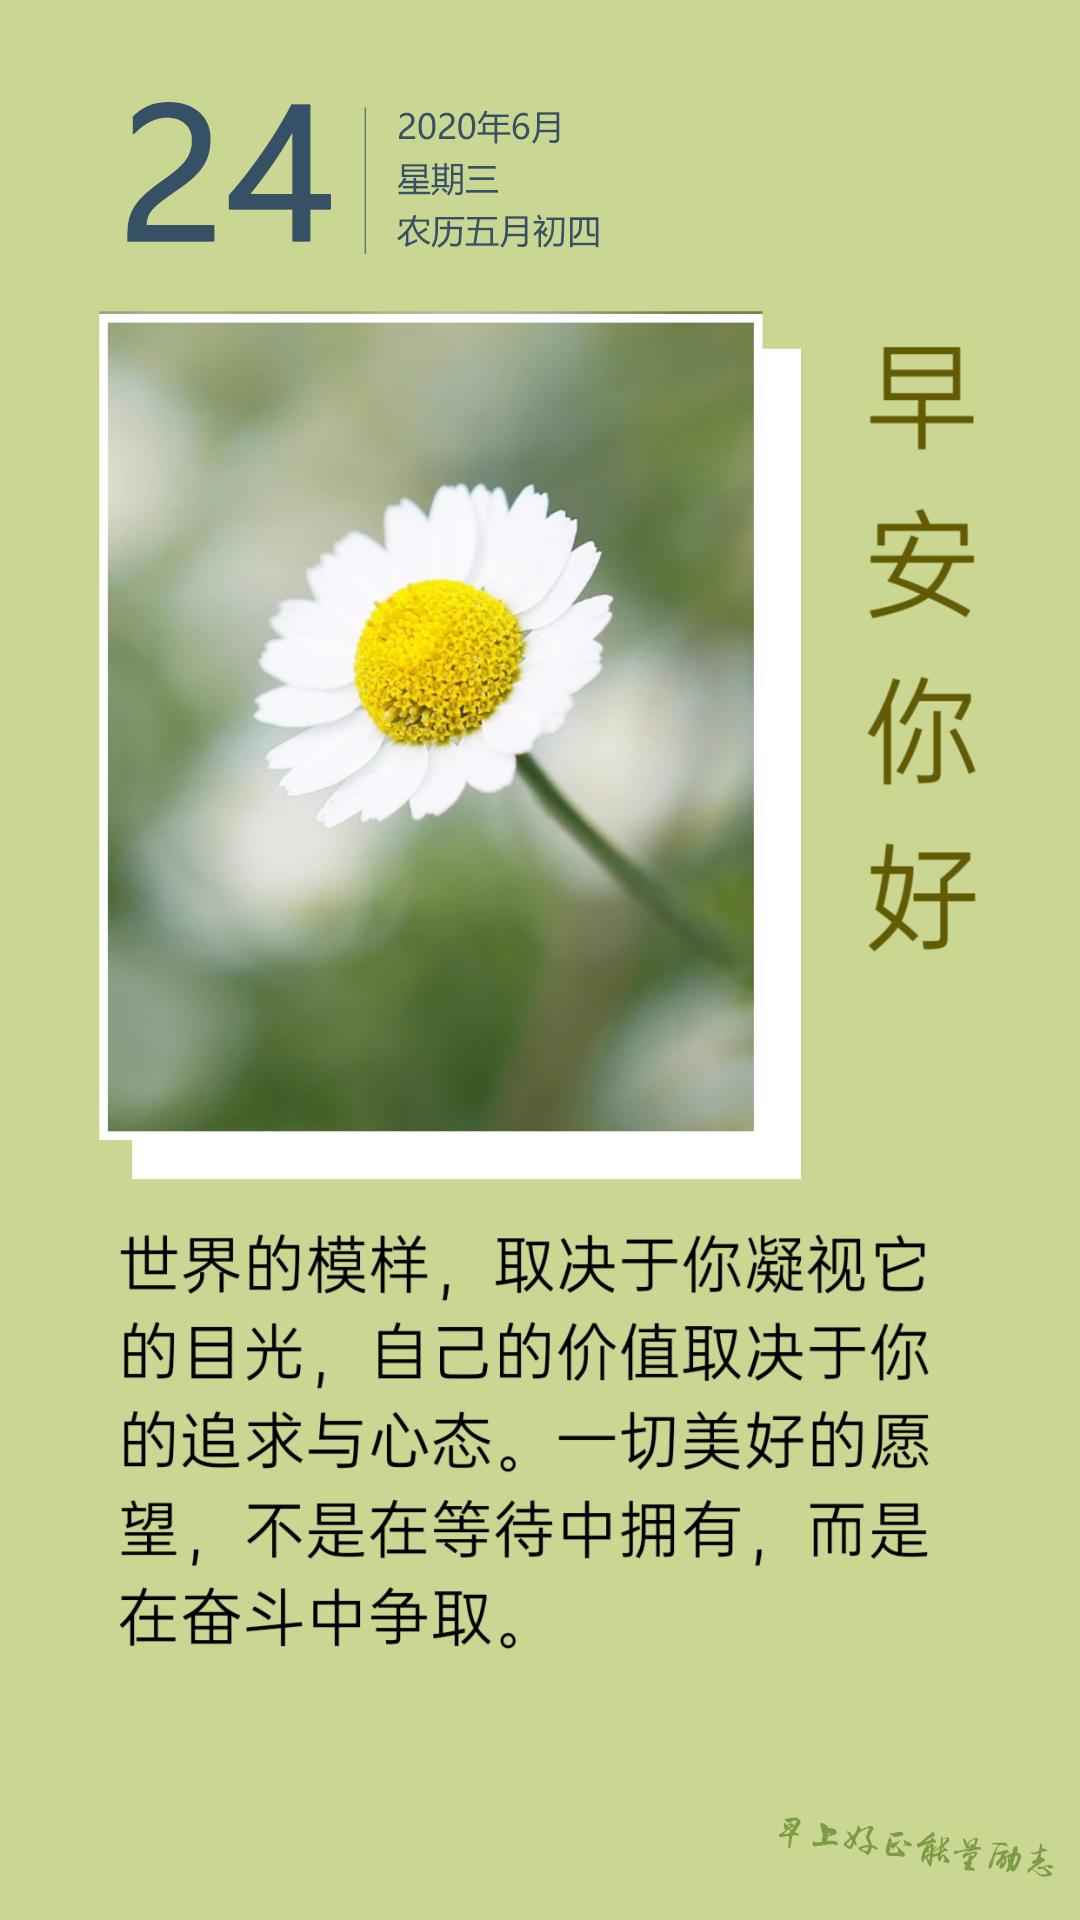 微信朋友圈早安励志语录激励:只要心怀梦想,人生终会漂亮